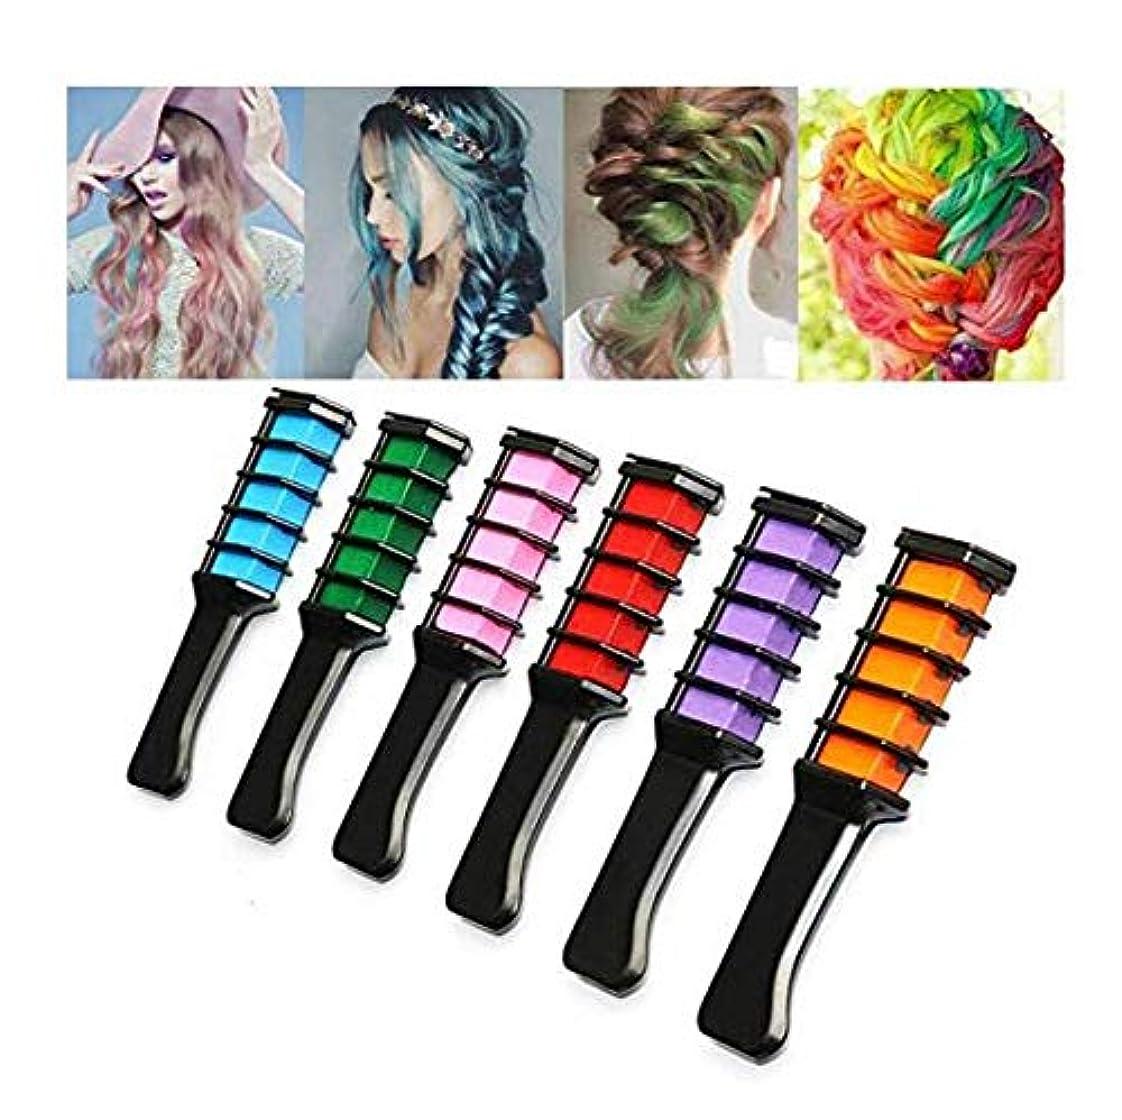 メディカル素晴らしい若者6色のヘアチョークコーム一時的なヘアカラークリームはすべての髪の色で動作しますDIYパーティーコスプレハロウィン